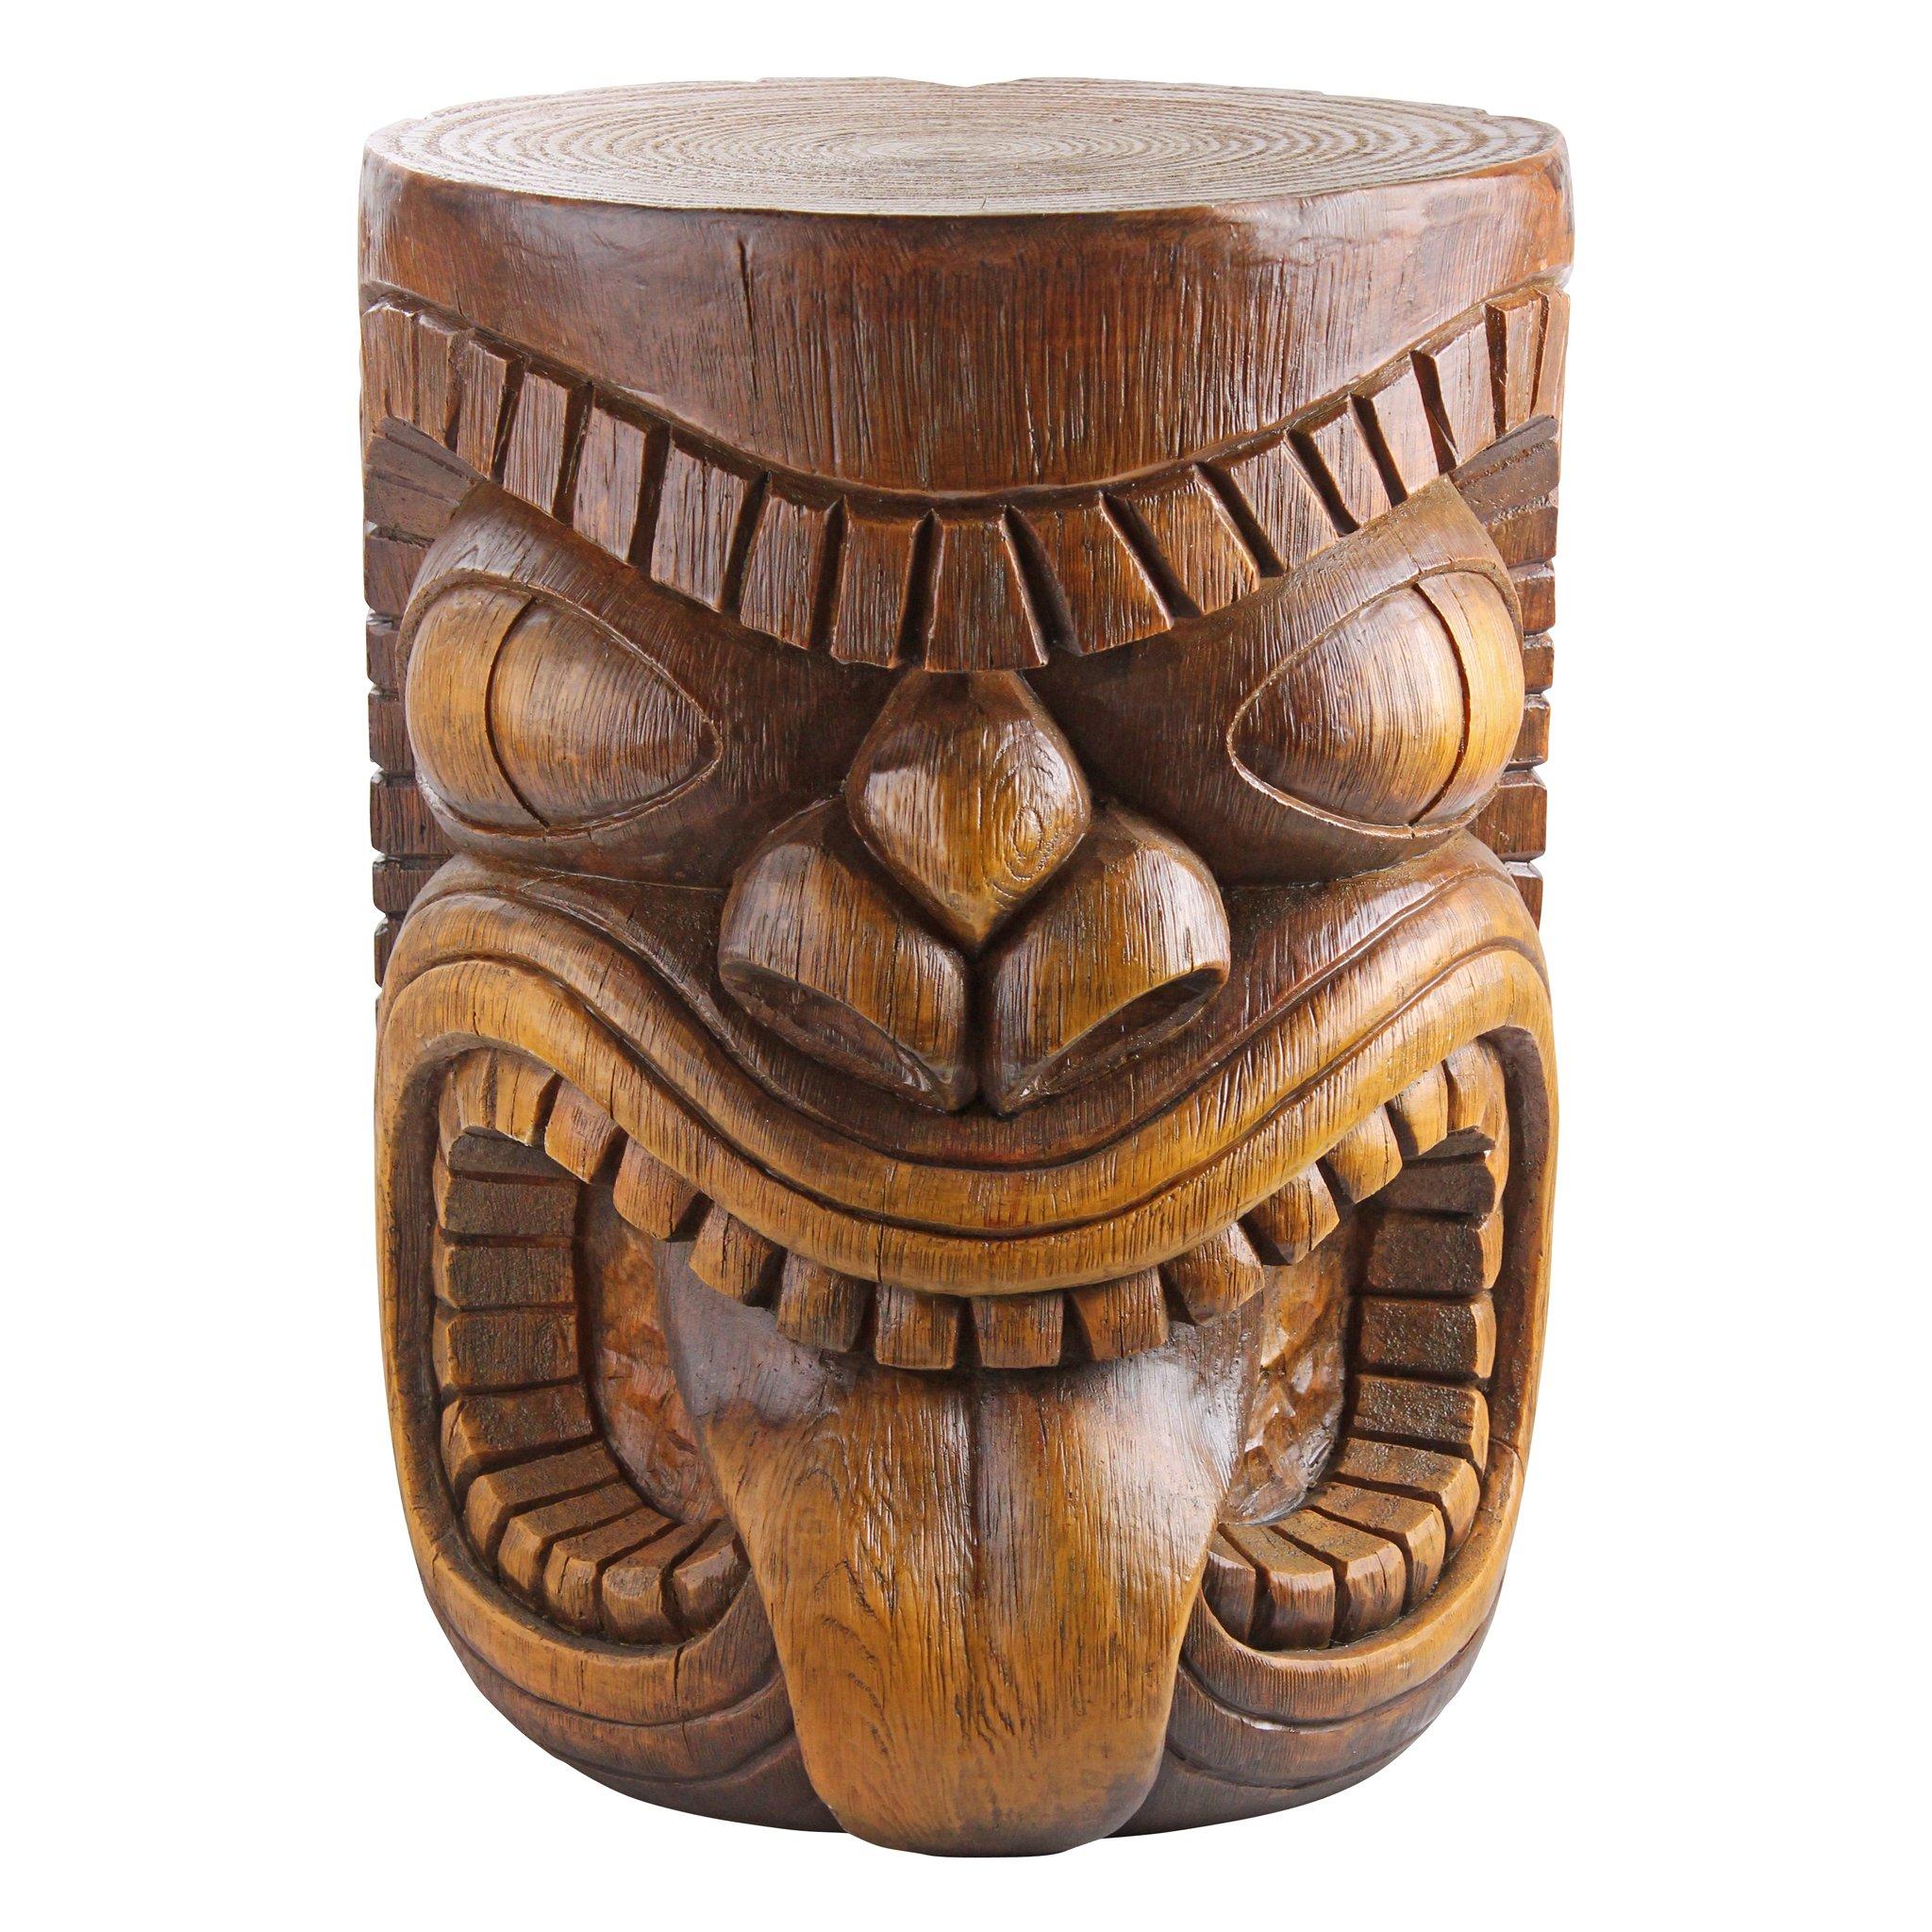 Design Toscano The Grand Tiki Tongue Sculptural Table